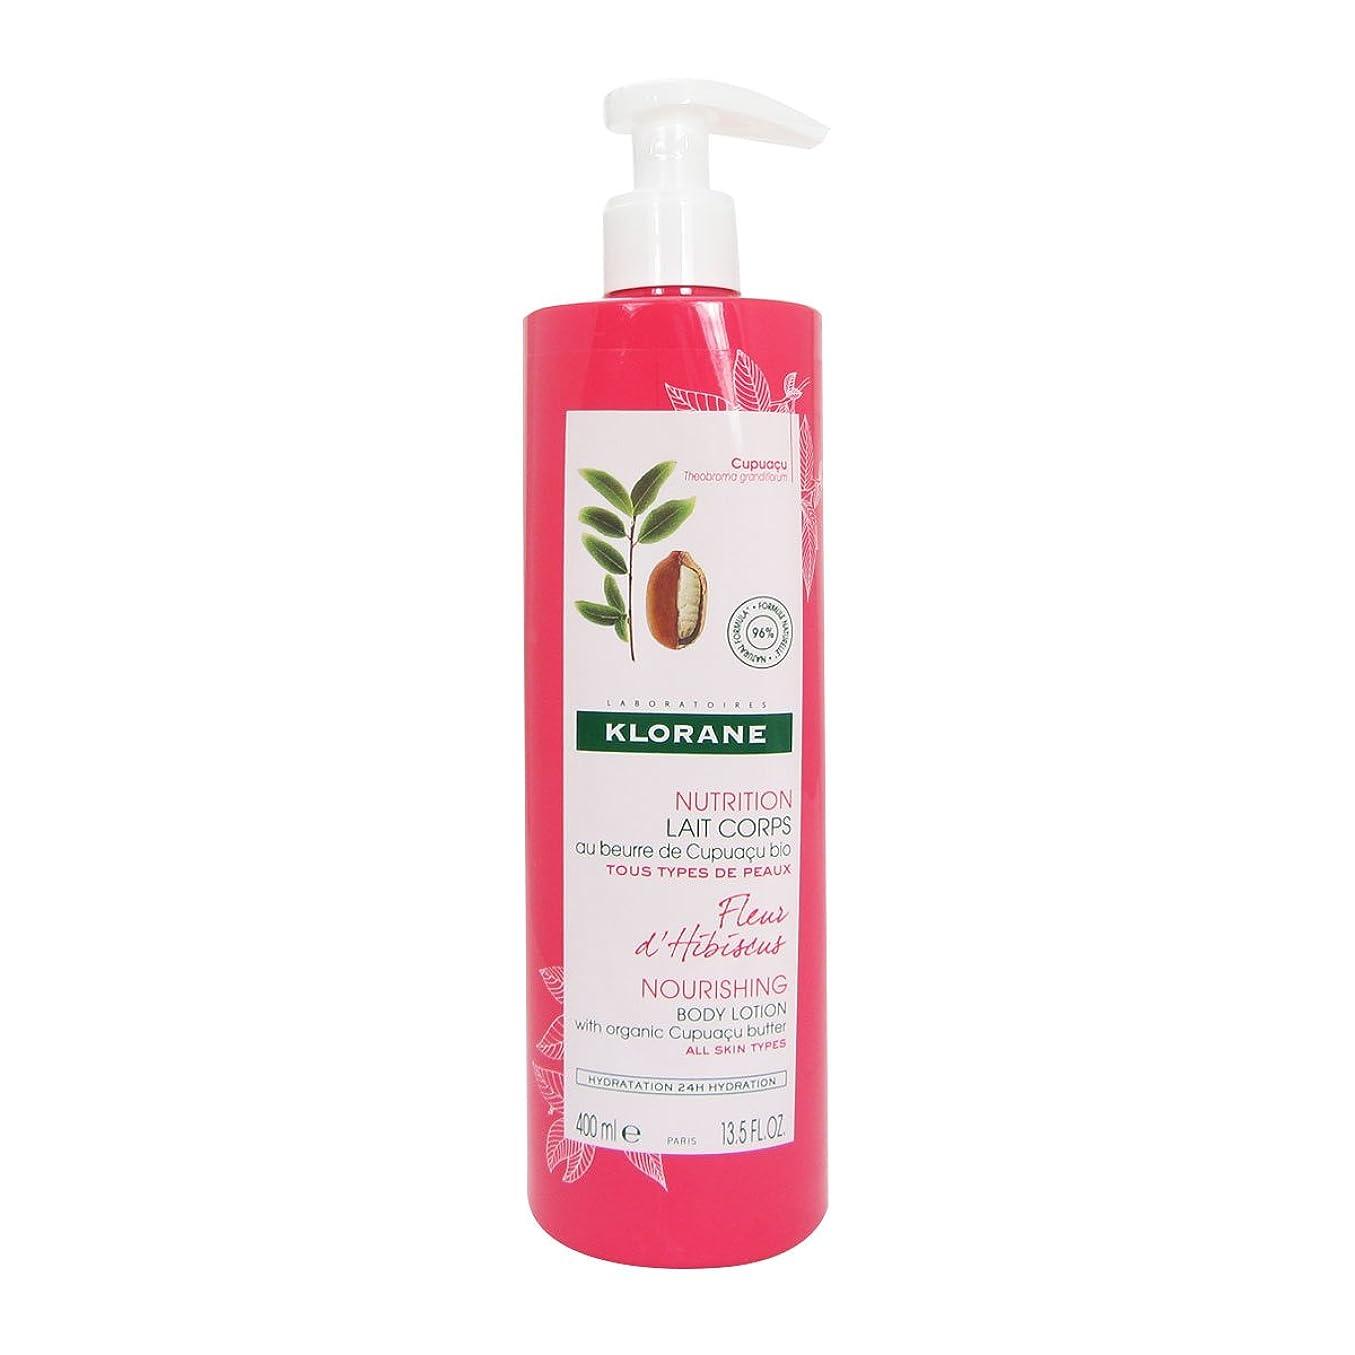 め言葉シェル介入するKlorane Nutrition Body Milk Hibiscus Flower 400ml [並行輸入品]